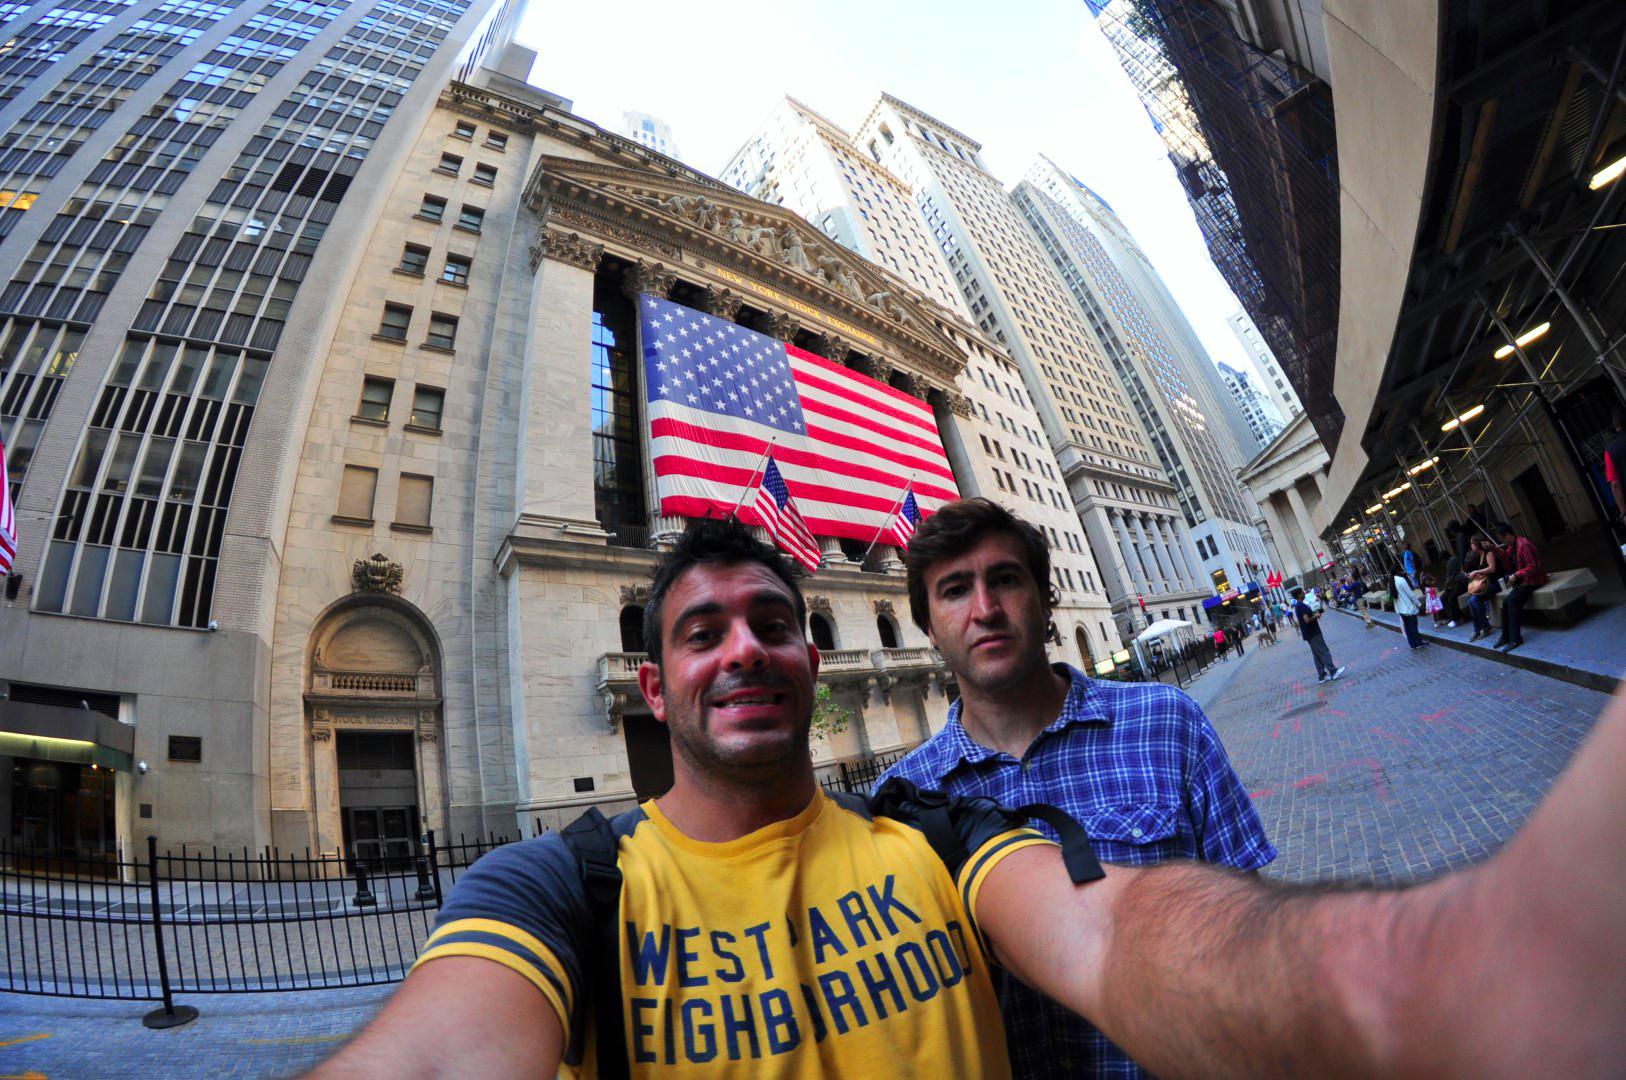 Qué hacer y ver en Nueva York qué hacer y ver en nueva york - 31028400531 7f718b9ed5 o - Qué hacer y ver en Nueva York